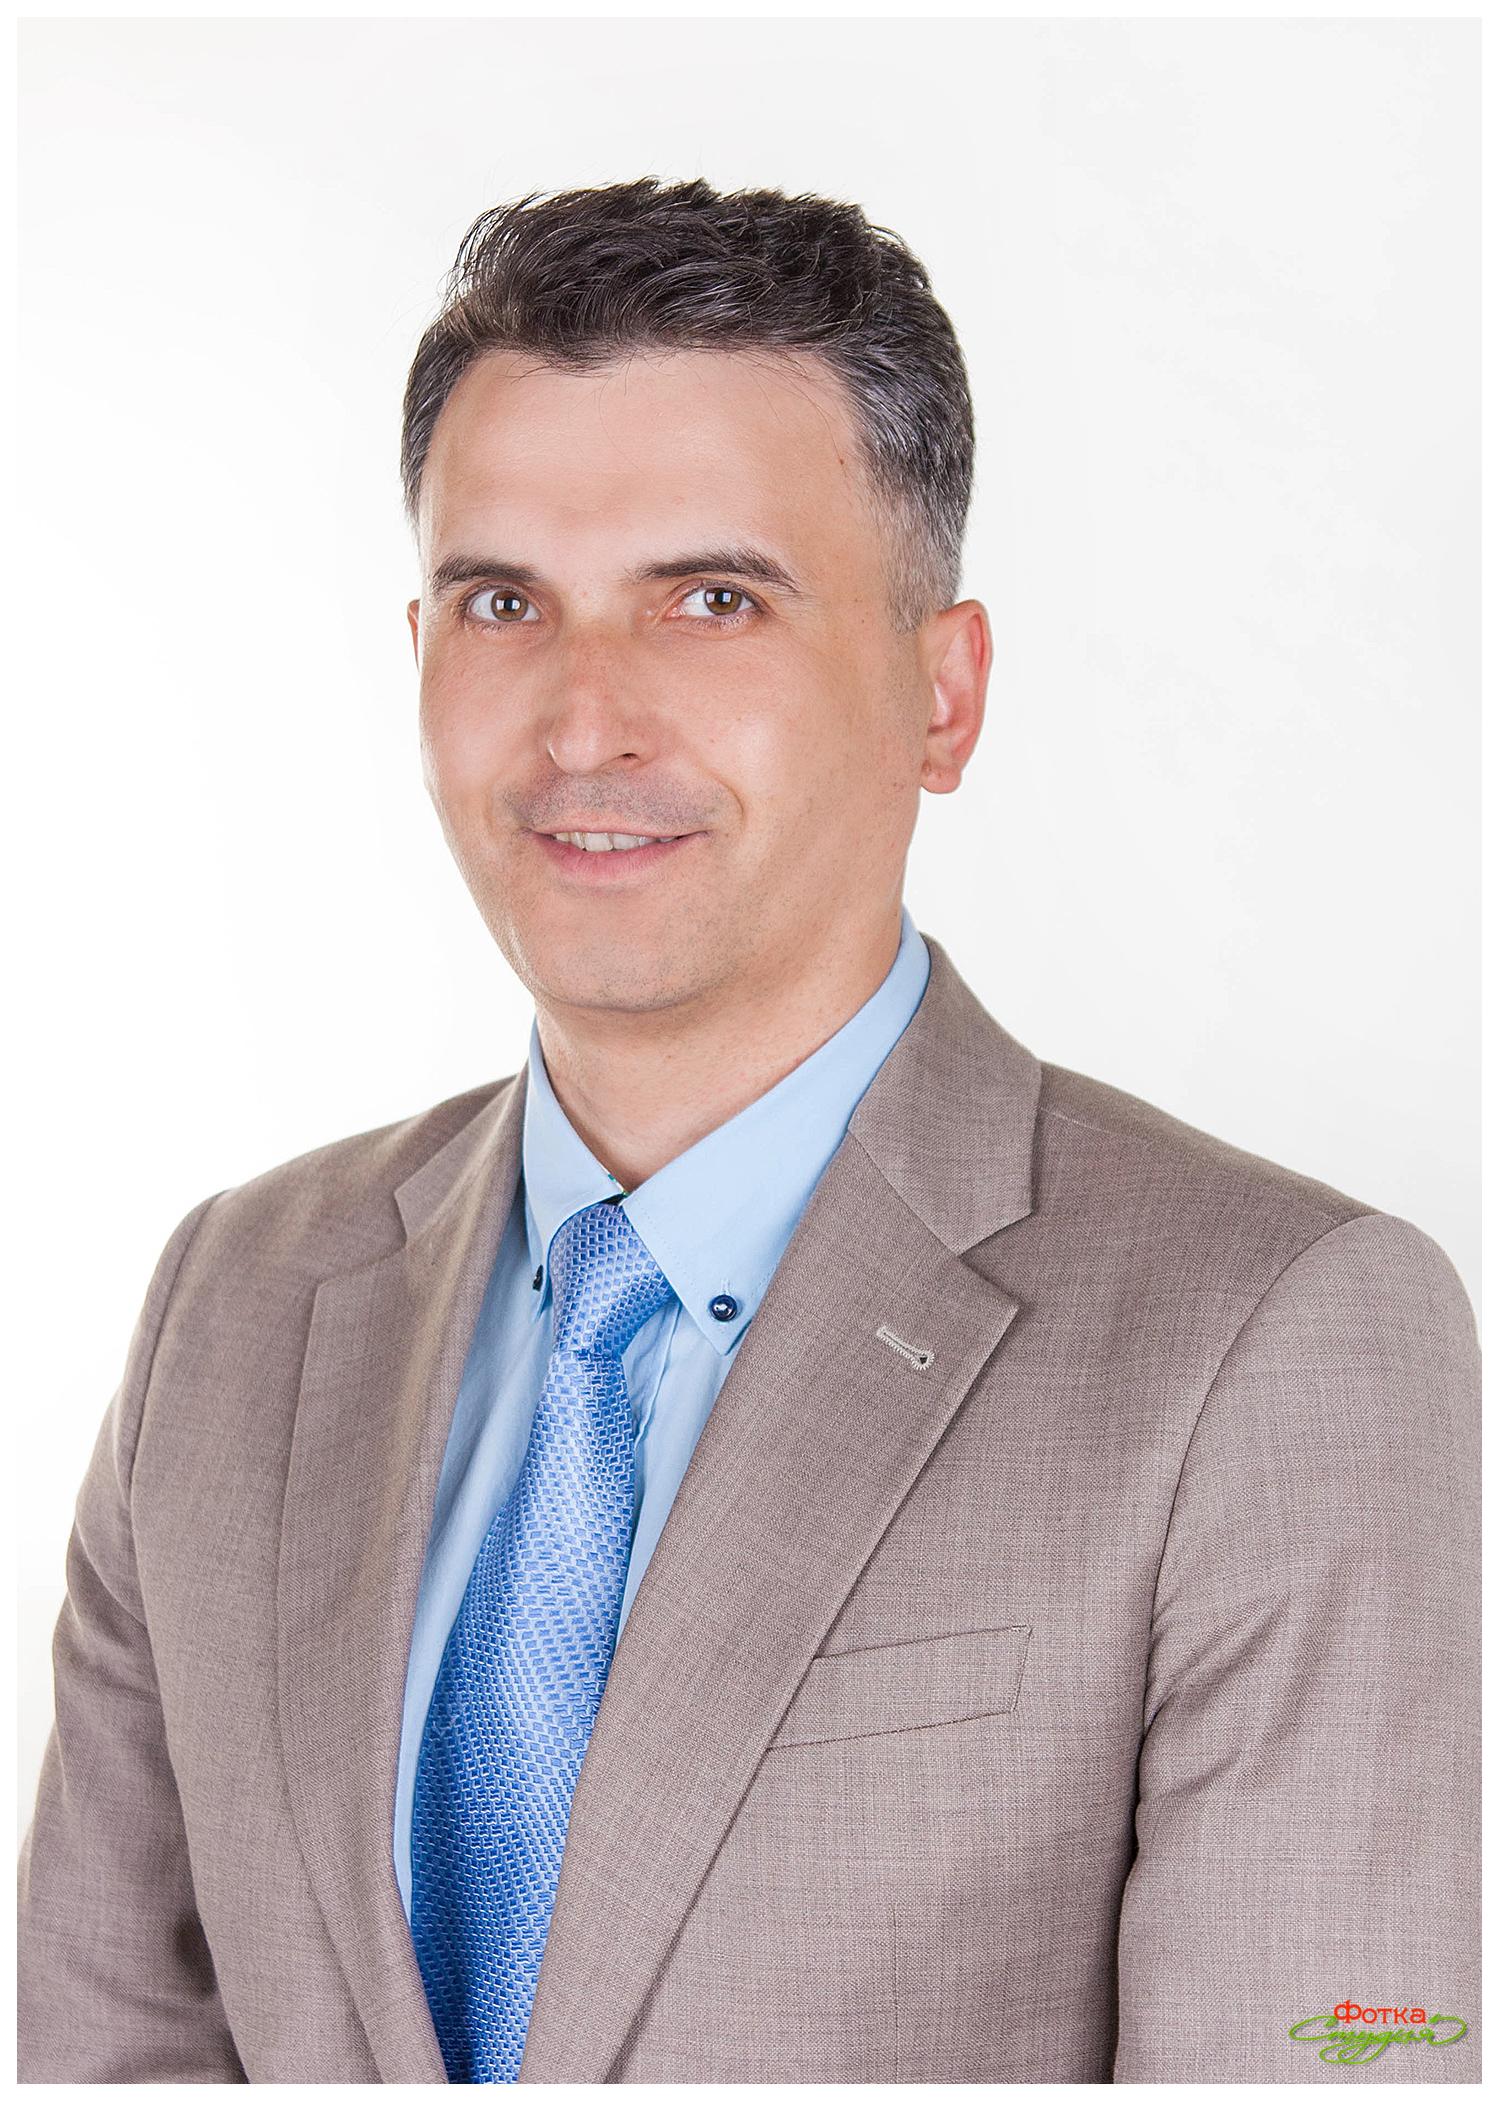 Кічук Ярослав Валерійович доктор педагогічних наук, професор, ректор ІДГУ